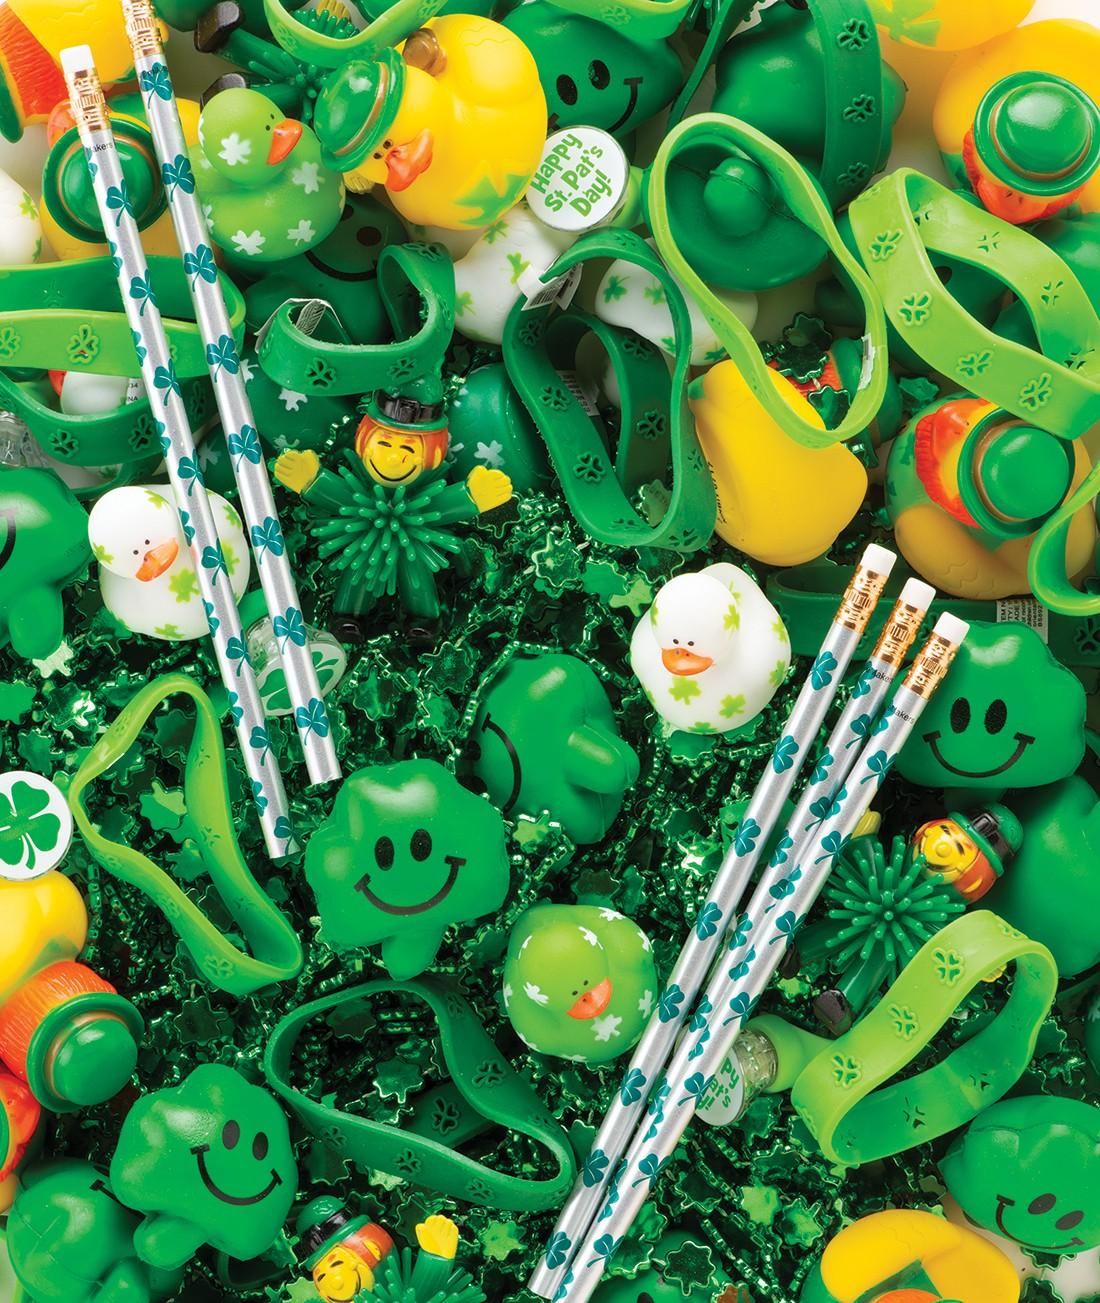 St. Patricks Day Sampler Refill [image]